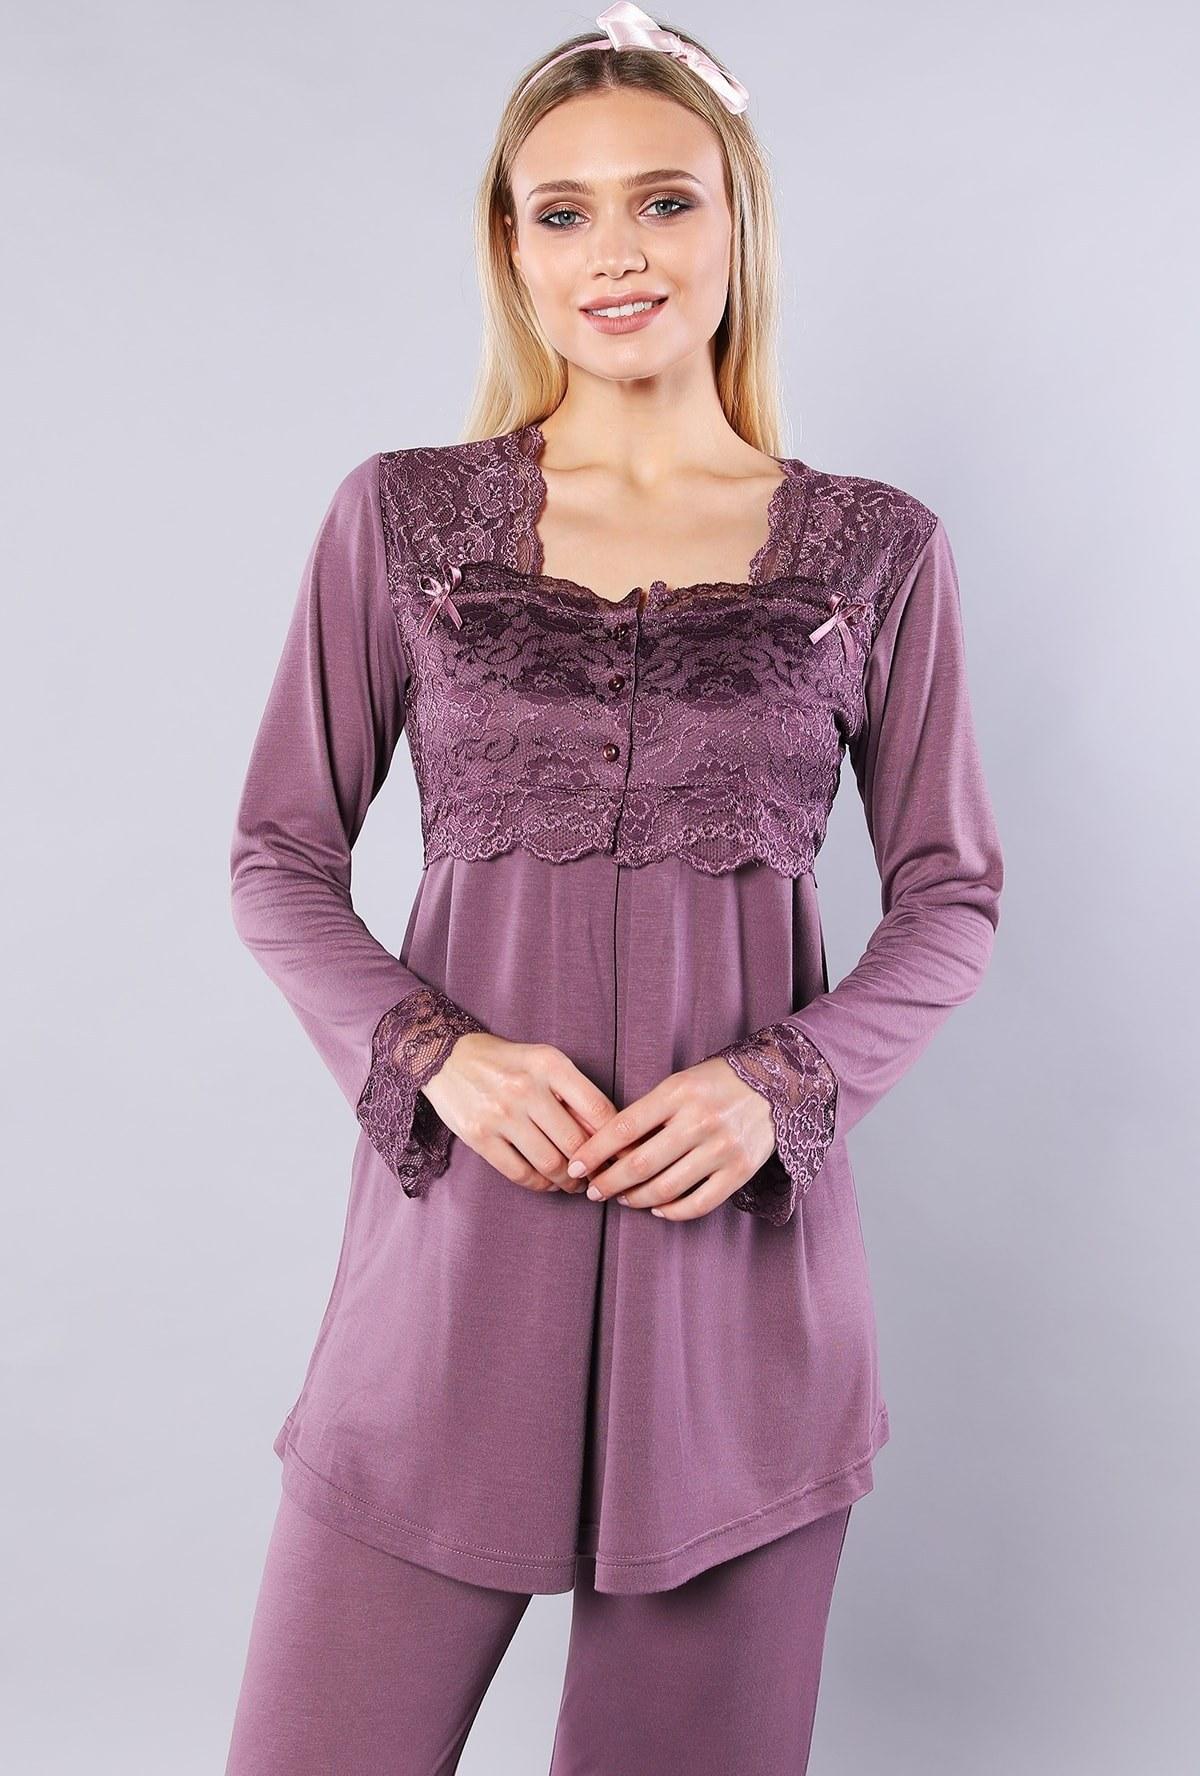 تصویر لباس راحتی زنانه توری بنفش برند Emose کد 1616977442